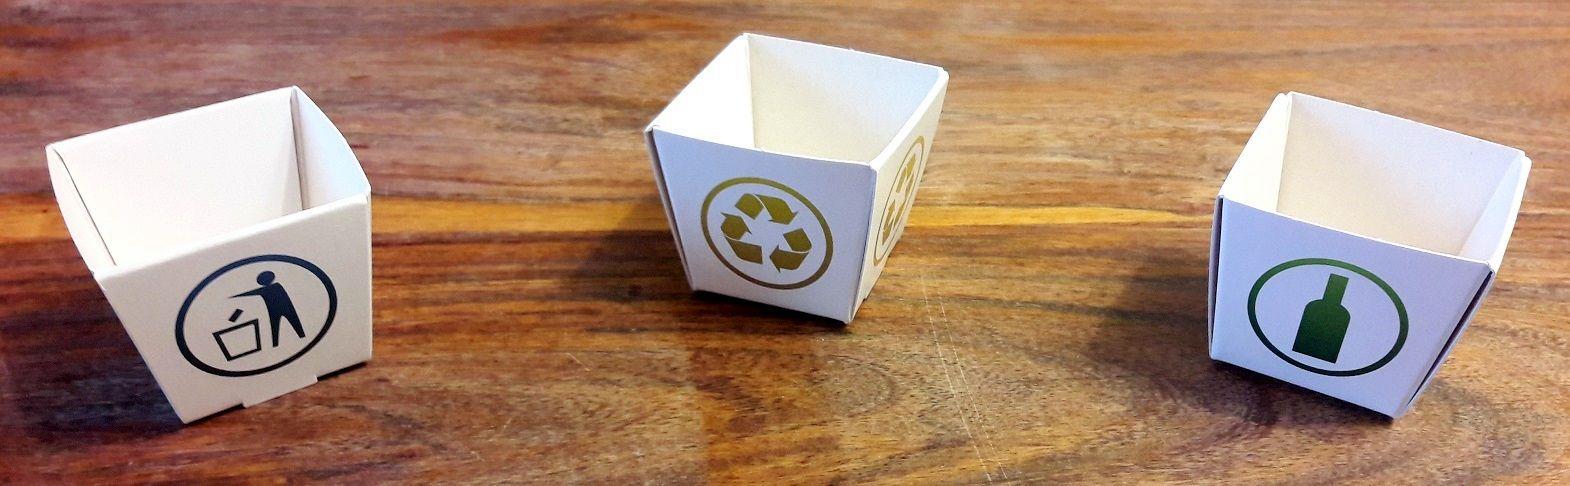 La poubelle du verre, celle du recyclable et du non recyclable.